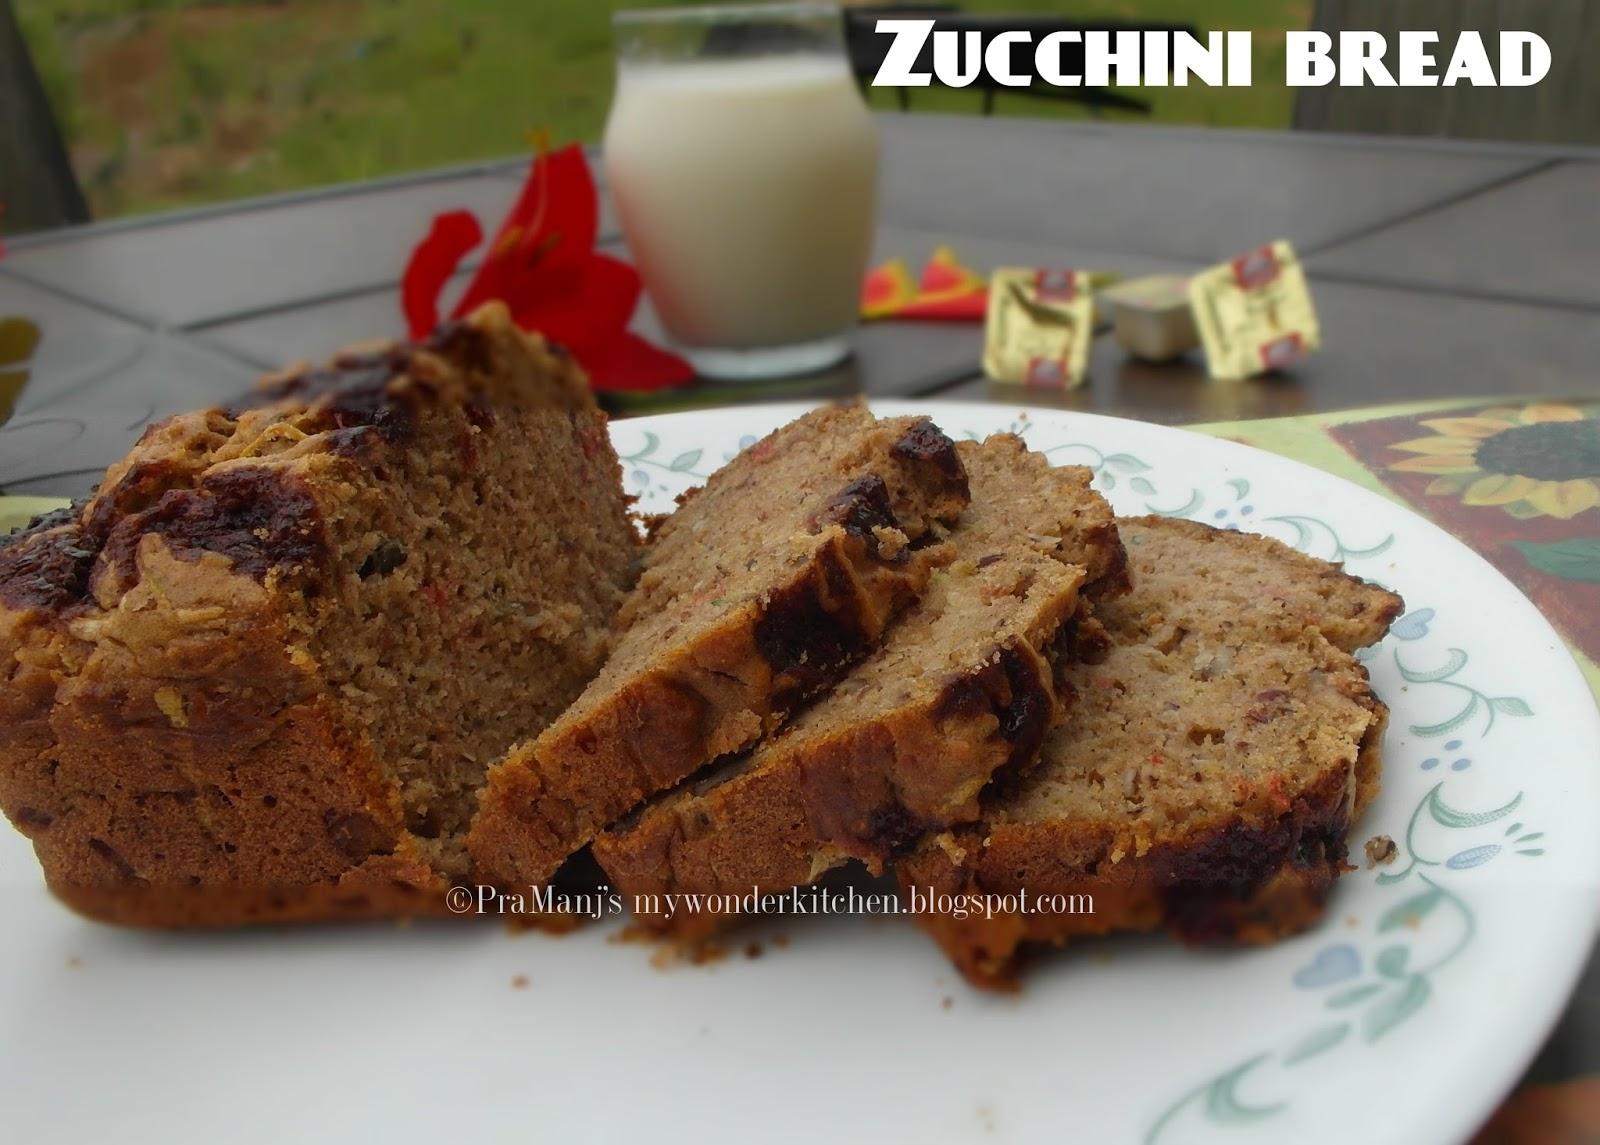 Sugar free whole wheat Zucchini Bread recipe